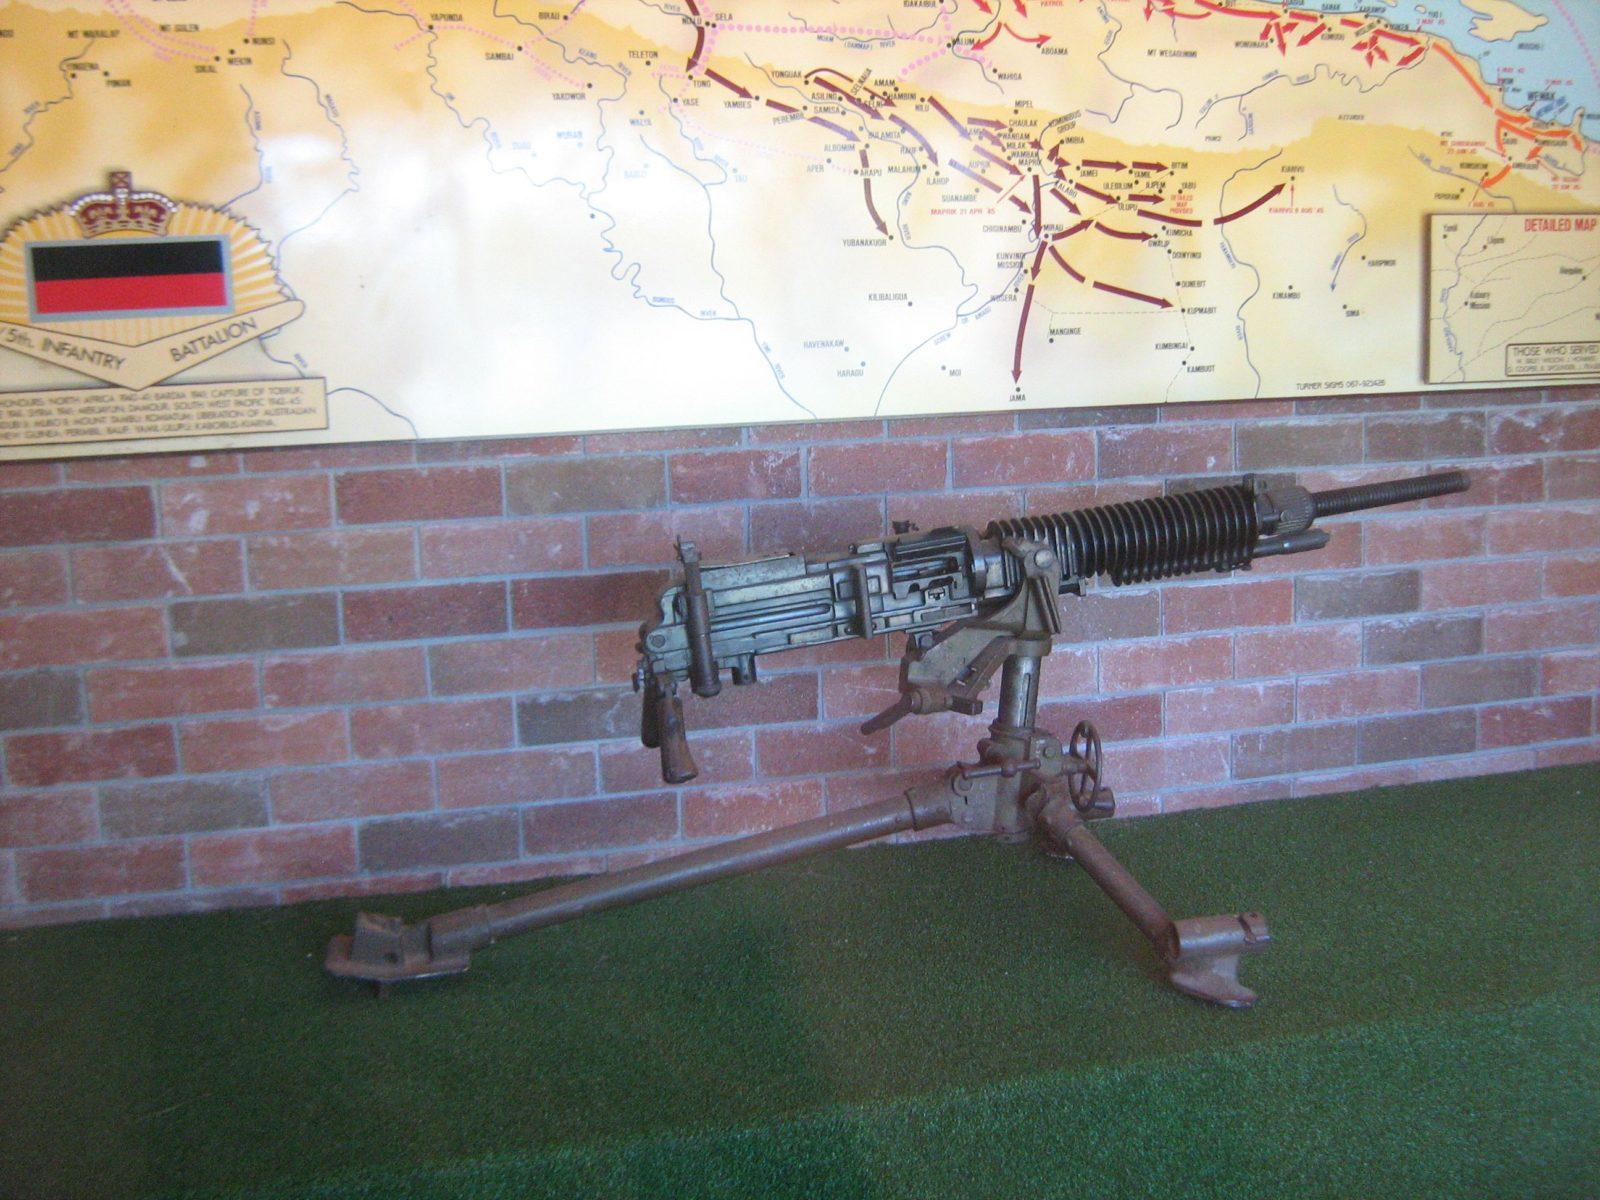 Woodpecker Gun